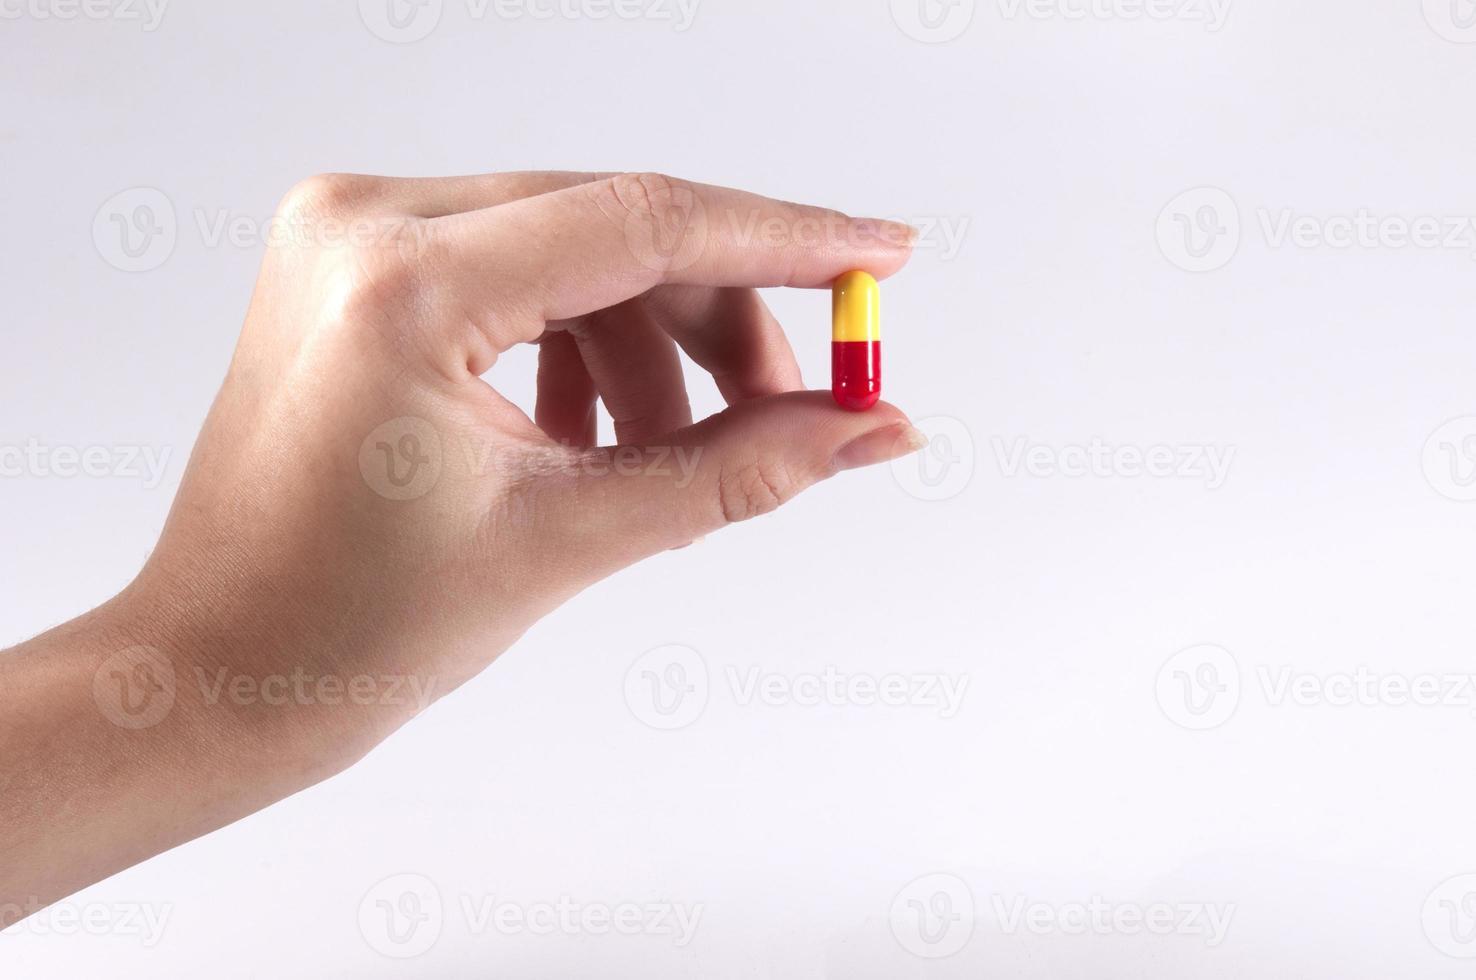 kaukasisk kvinna med ett piller på vit bakgrund foto